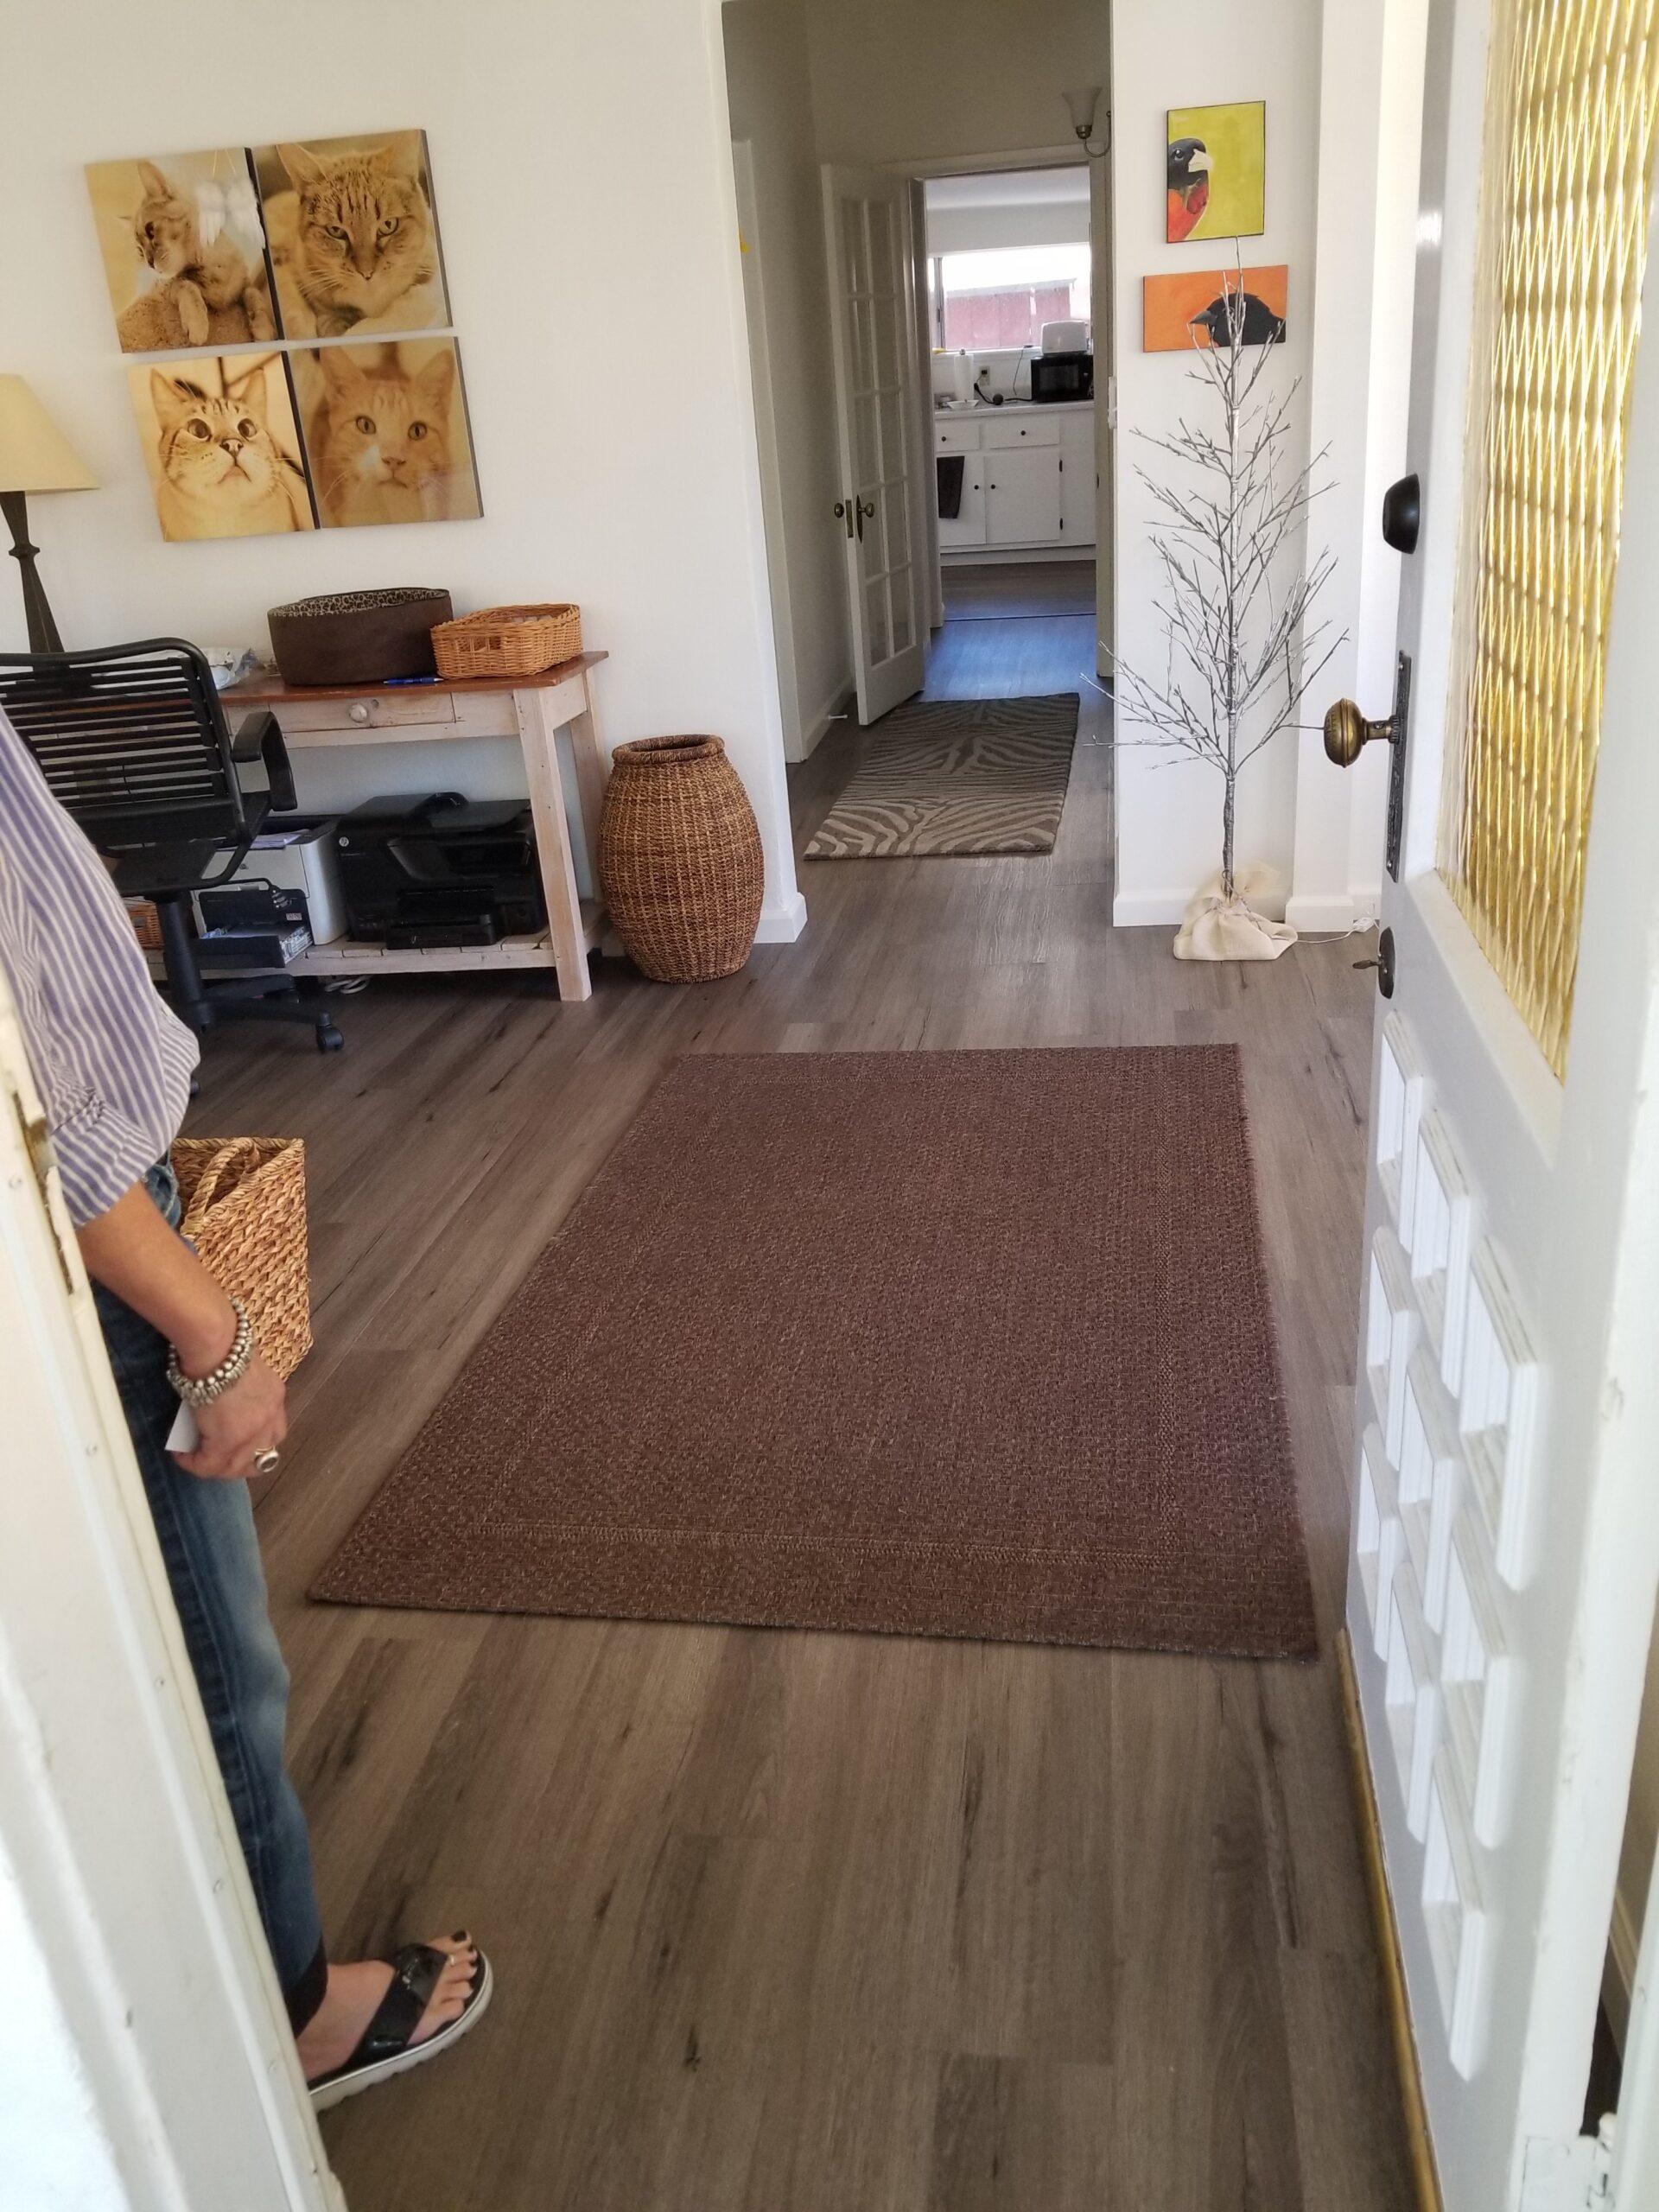 Los Alto Residential  Office - Add LVT (waterproof luxury vinyl tile) over existing hardwood flooring.